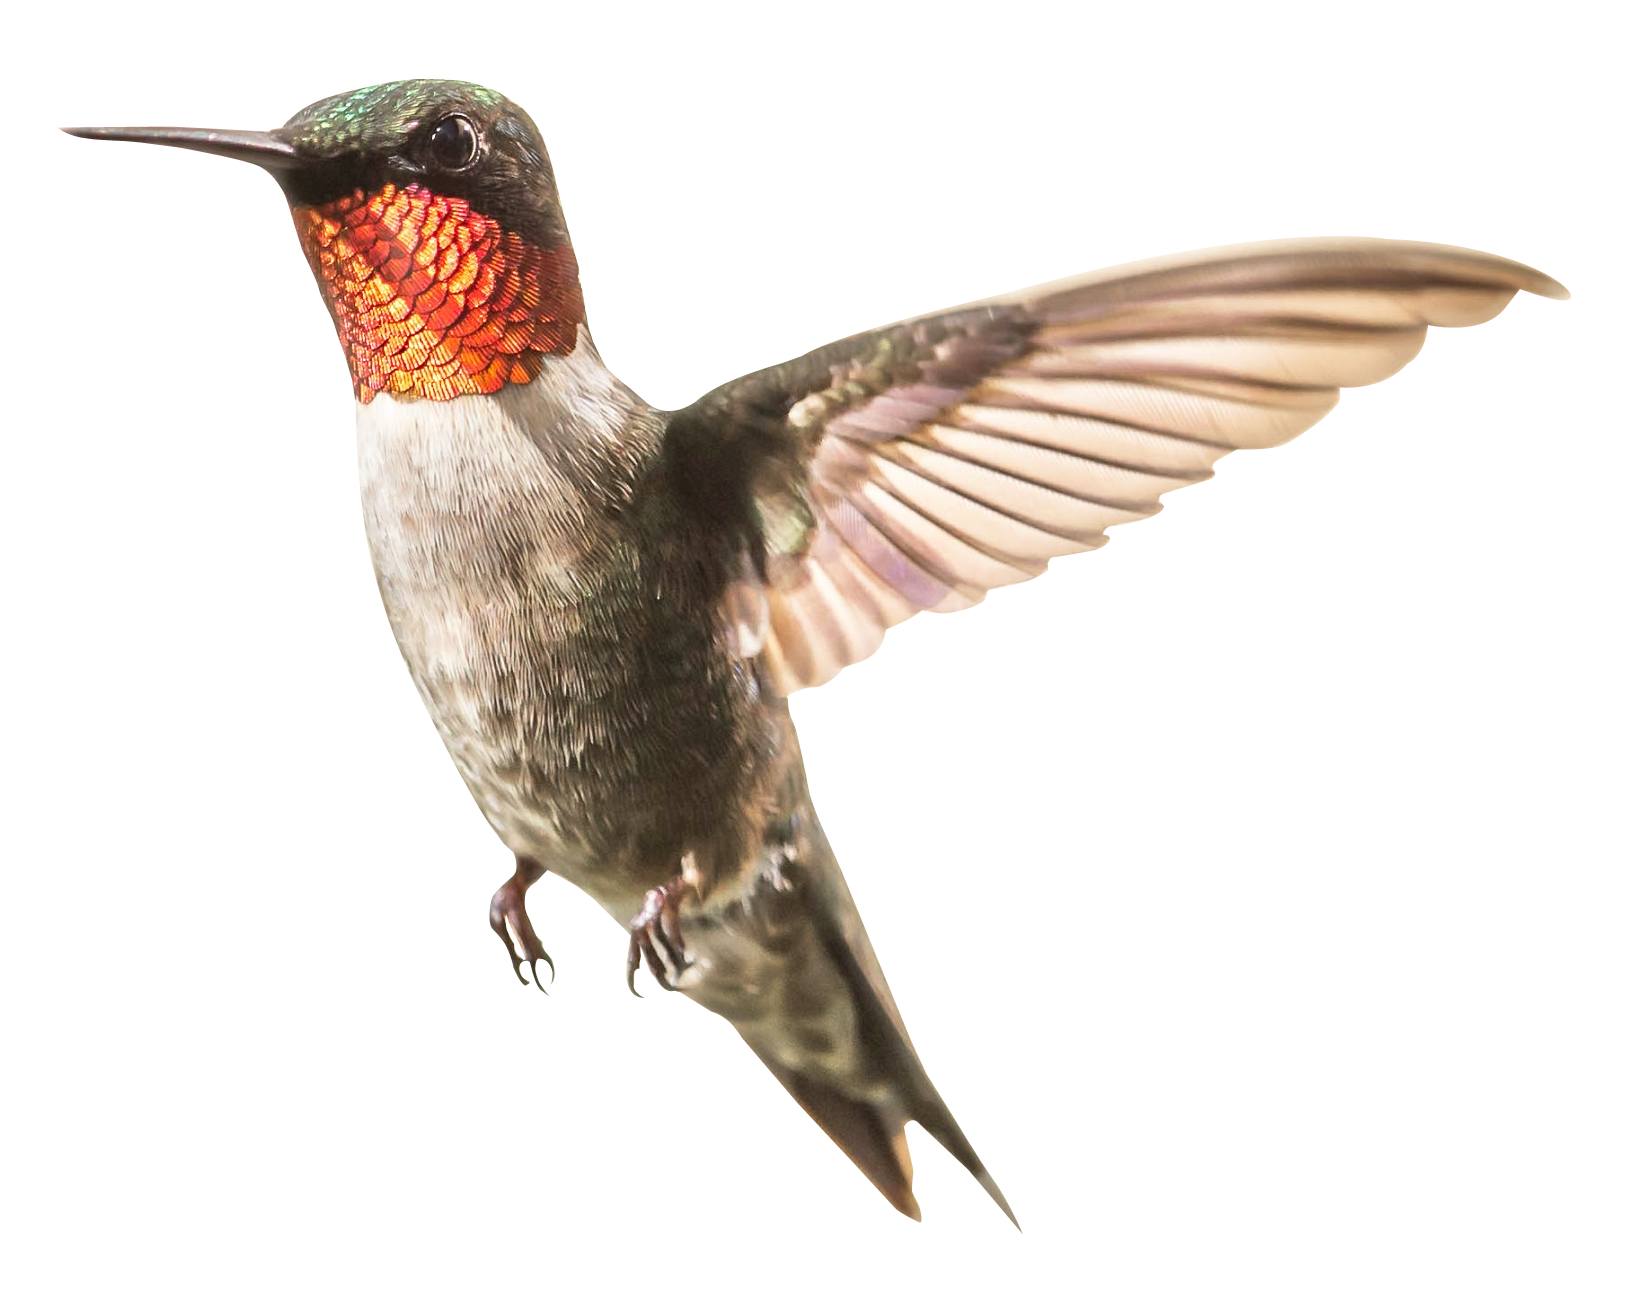 Hummingbird PNG Image - PurePNG | Free transparent CC0 PNG ...